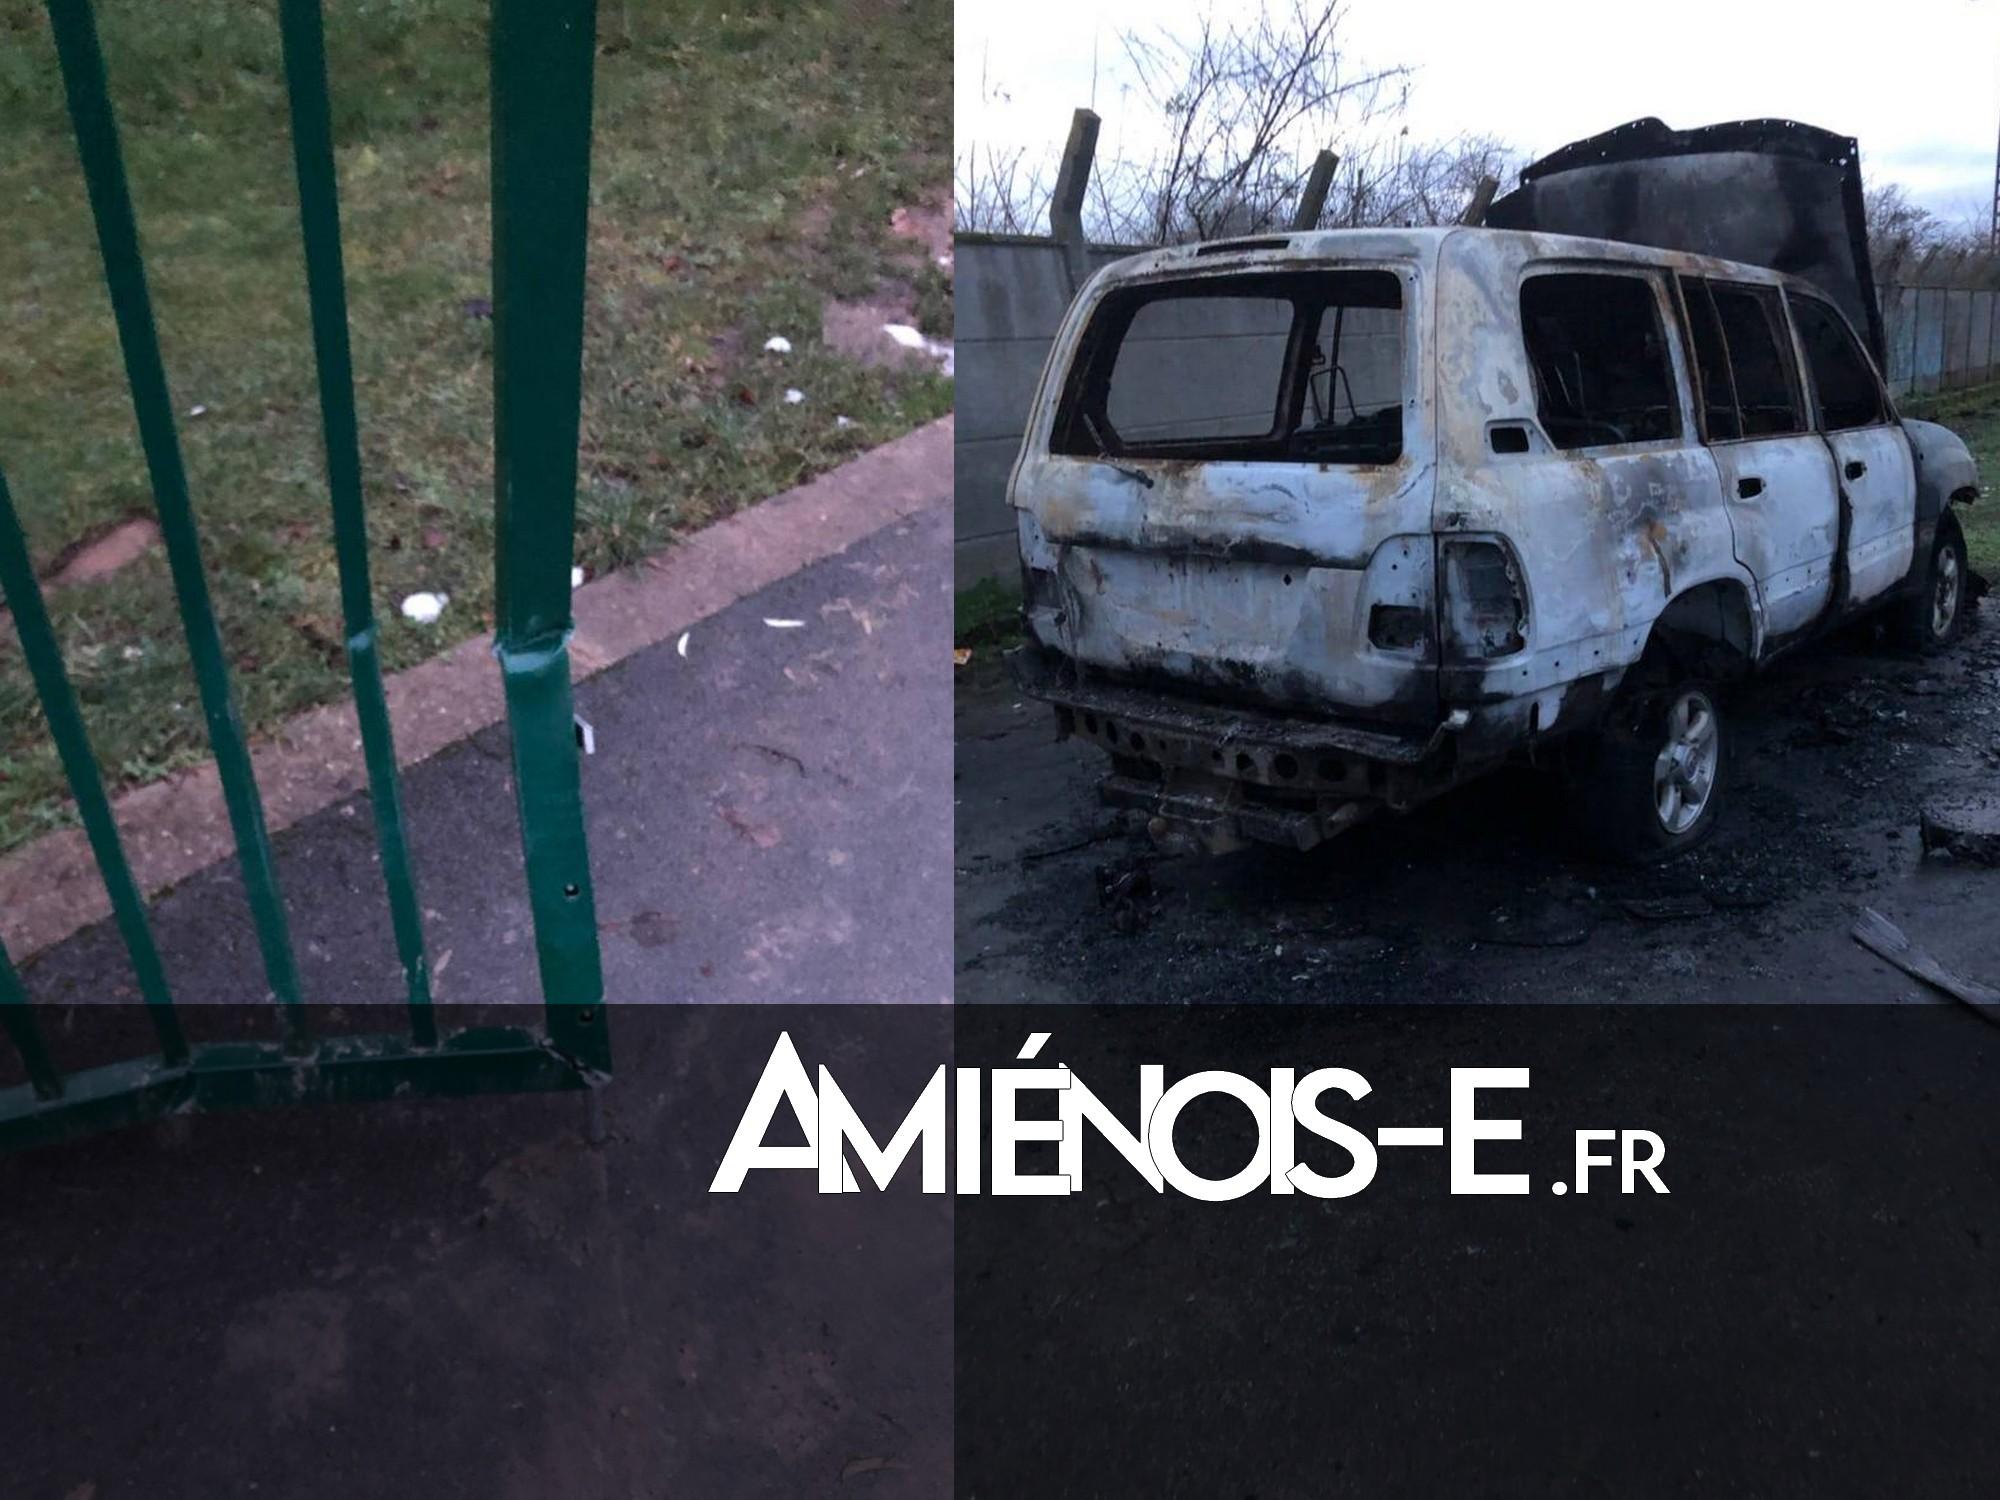 Grille fracturée et voiture brûlée aux jardins des Granges à Amiens Nord